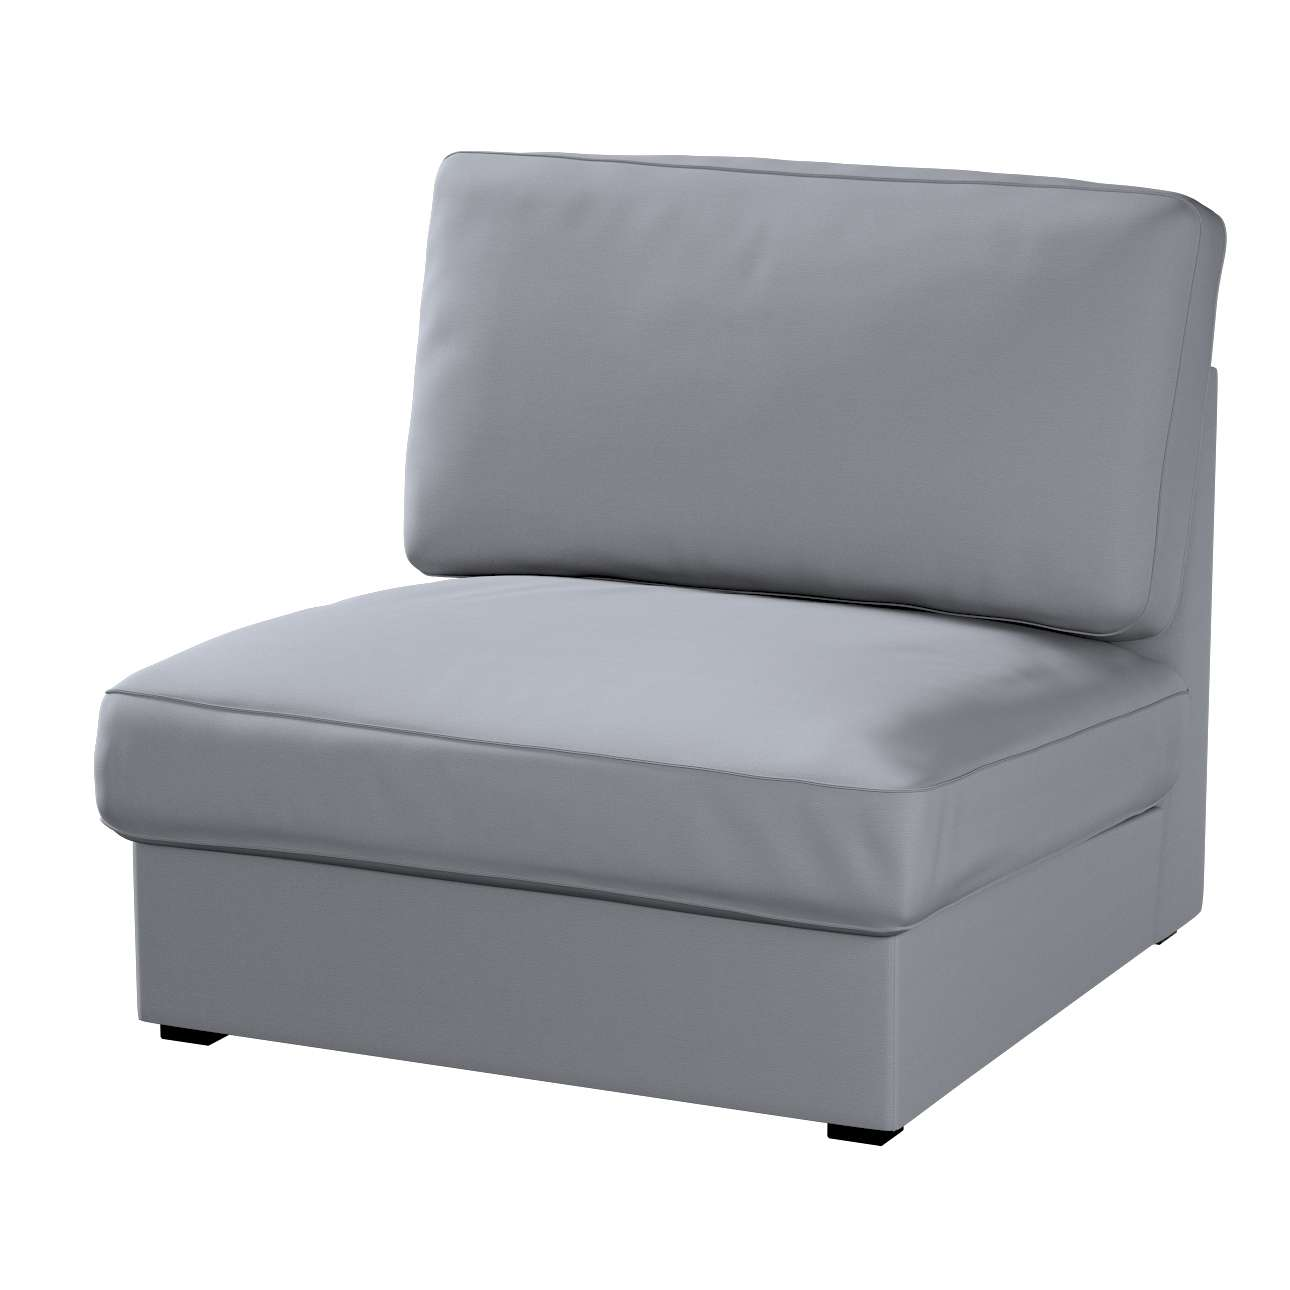 KIVIK fotelio/vienvietės dalies užvalkalas Kivik armchair kolekcijoje Cotton Panama, audinys: 702-07